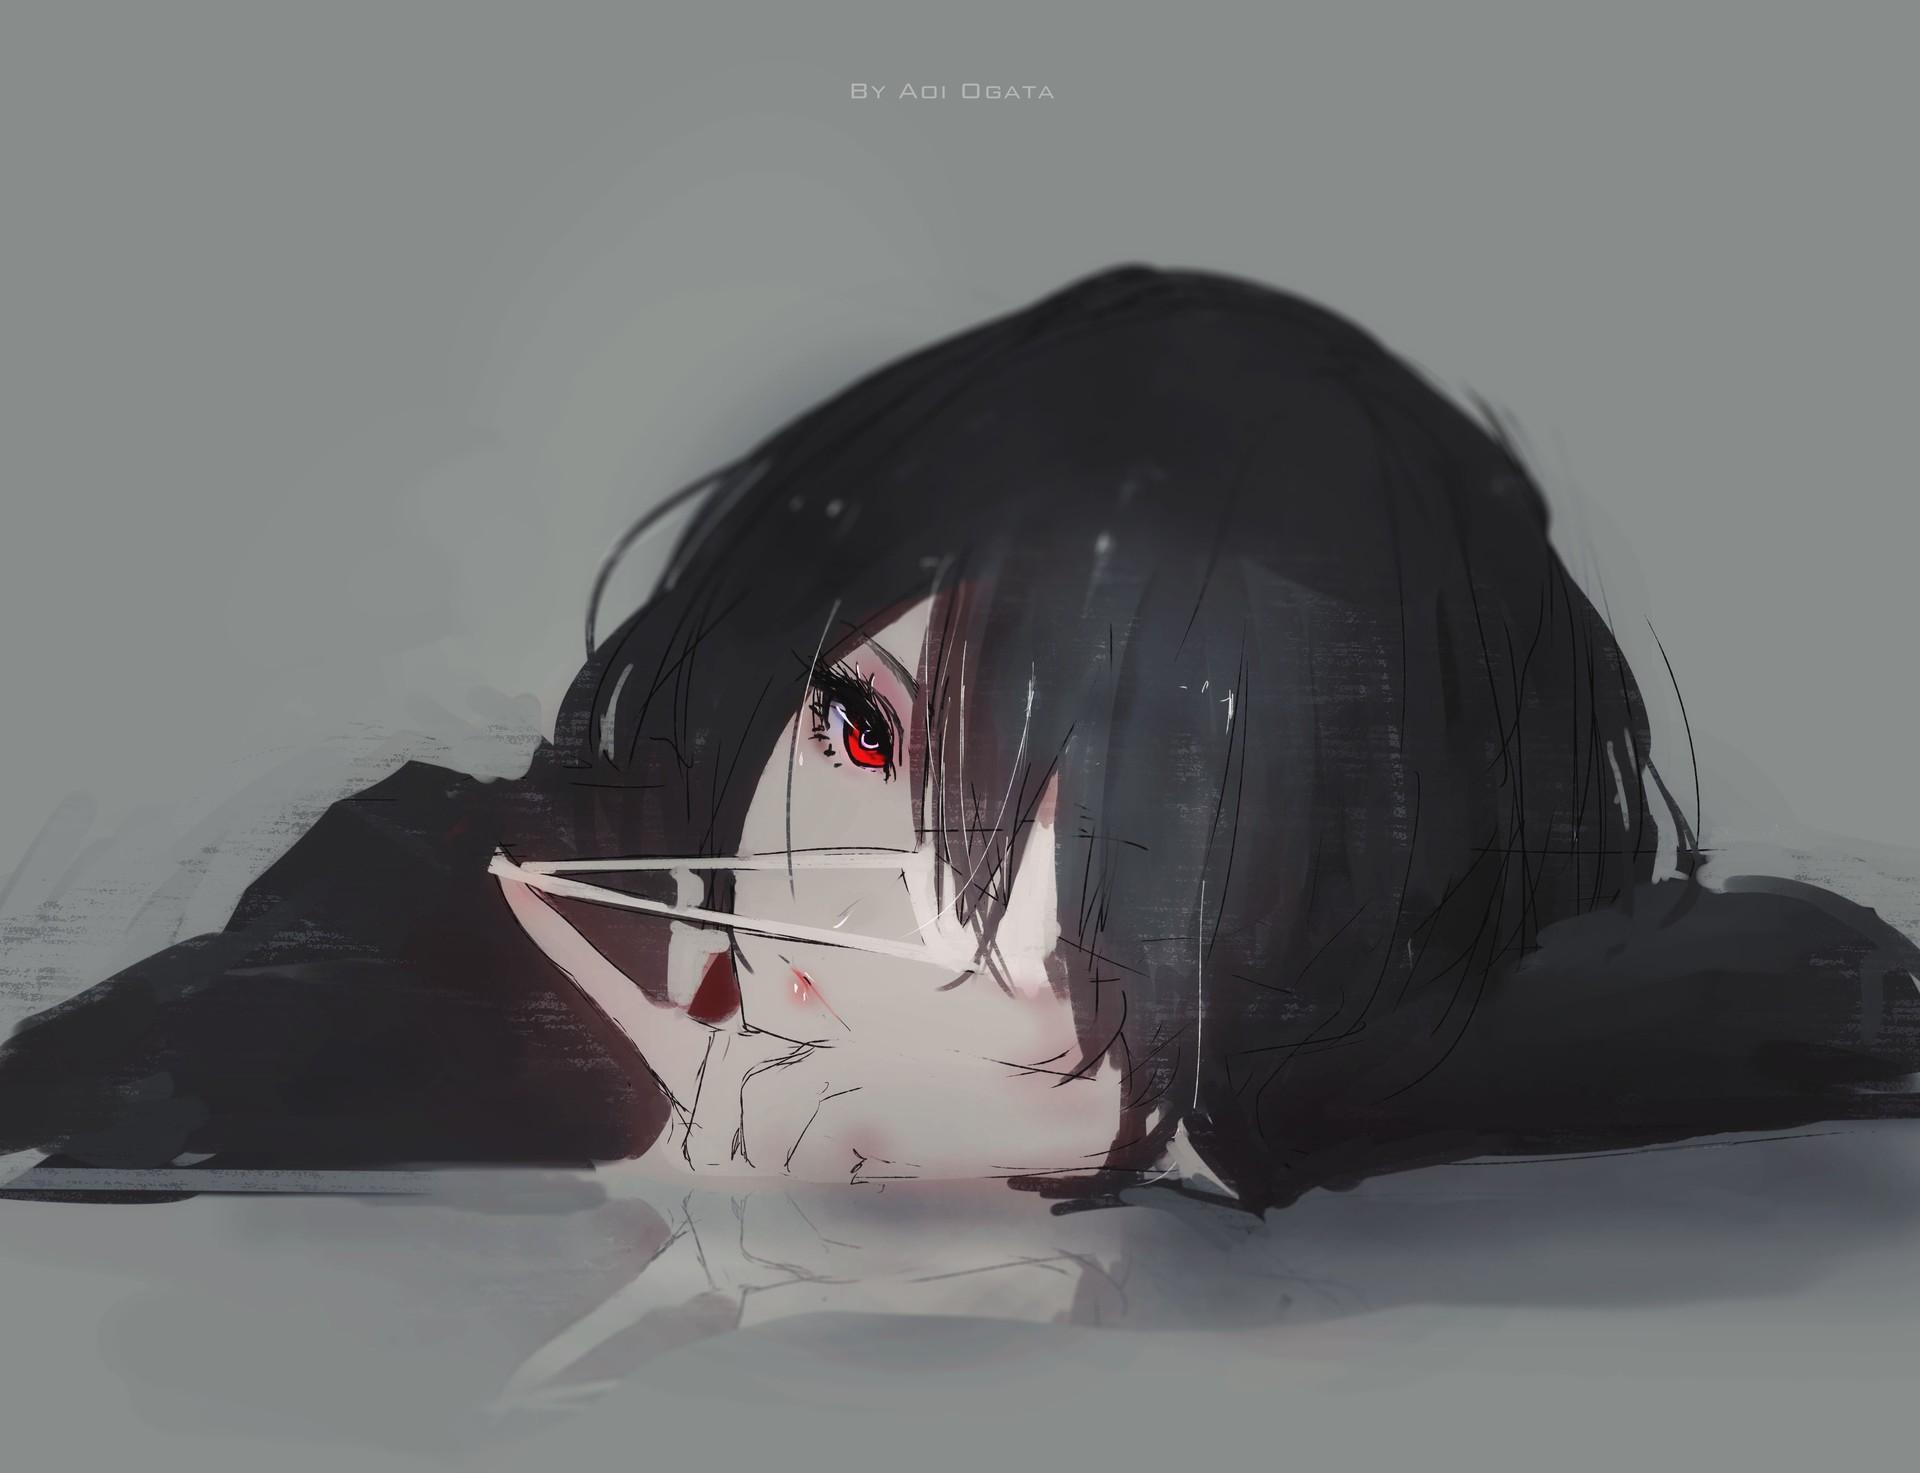 Aoi ogata misaki2